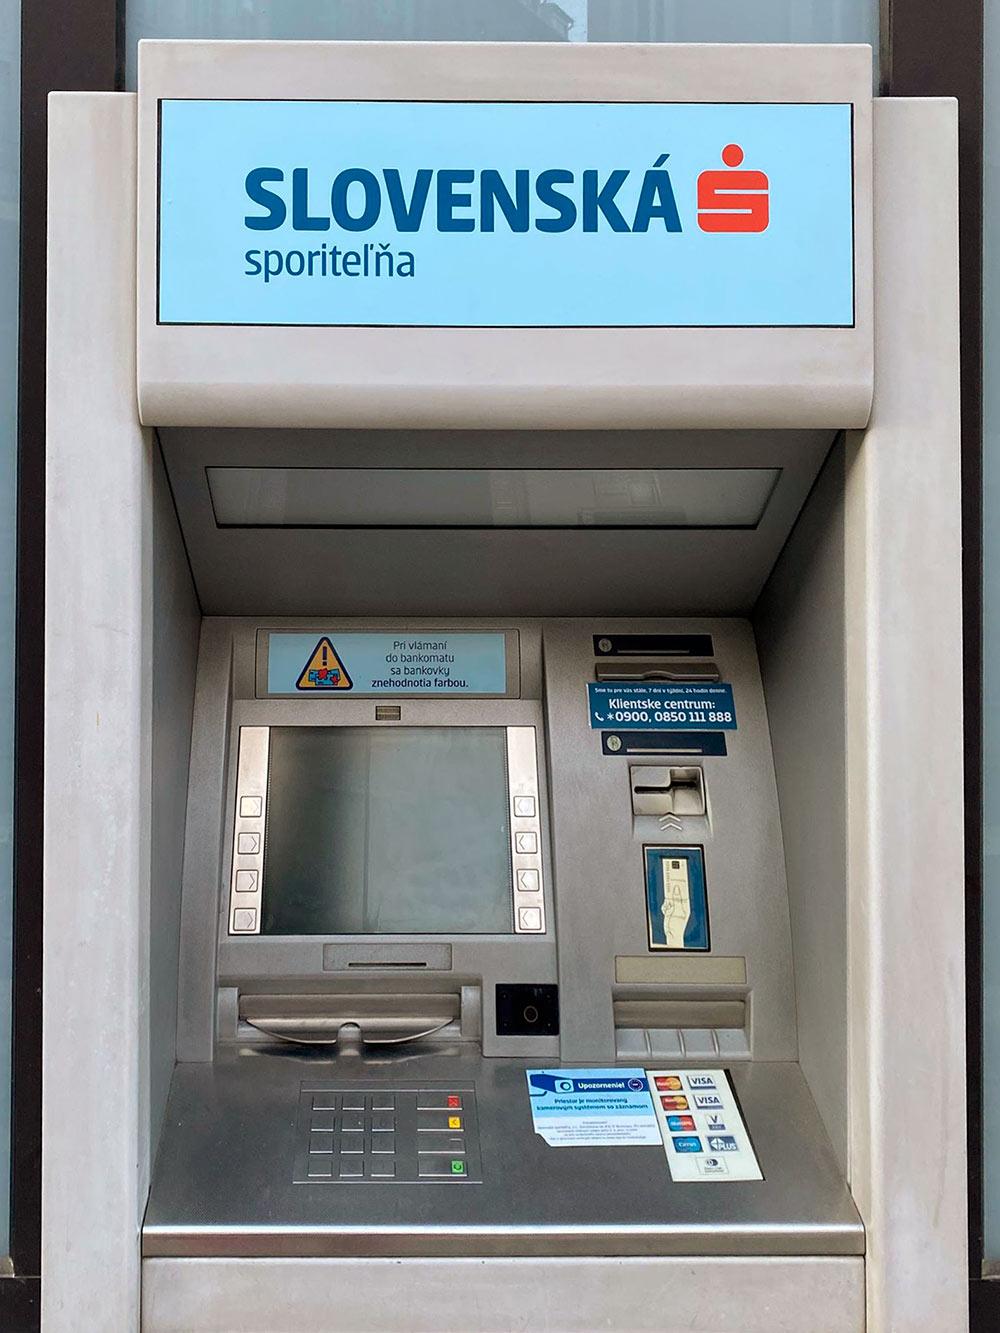 Банкомат Словацкого сберегательного банка: не все банкоматы оборудованы длявнесения денег, некоторые их только выдают